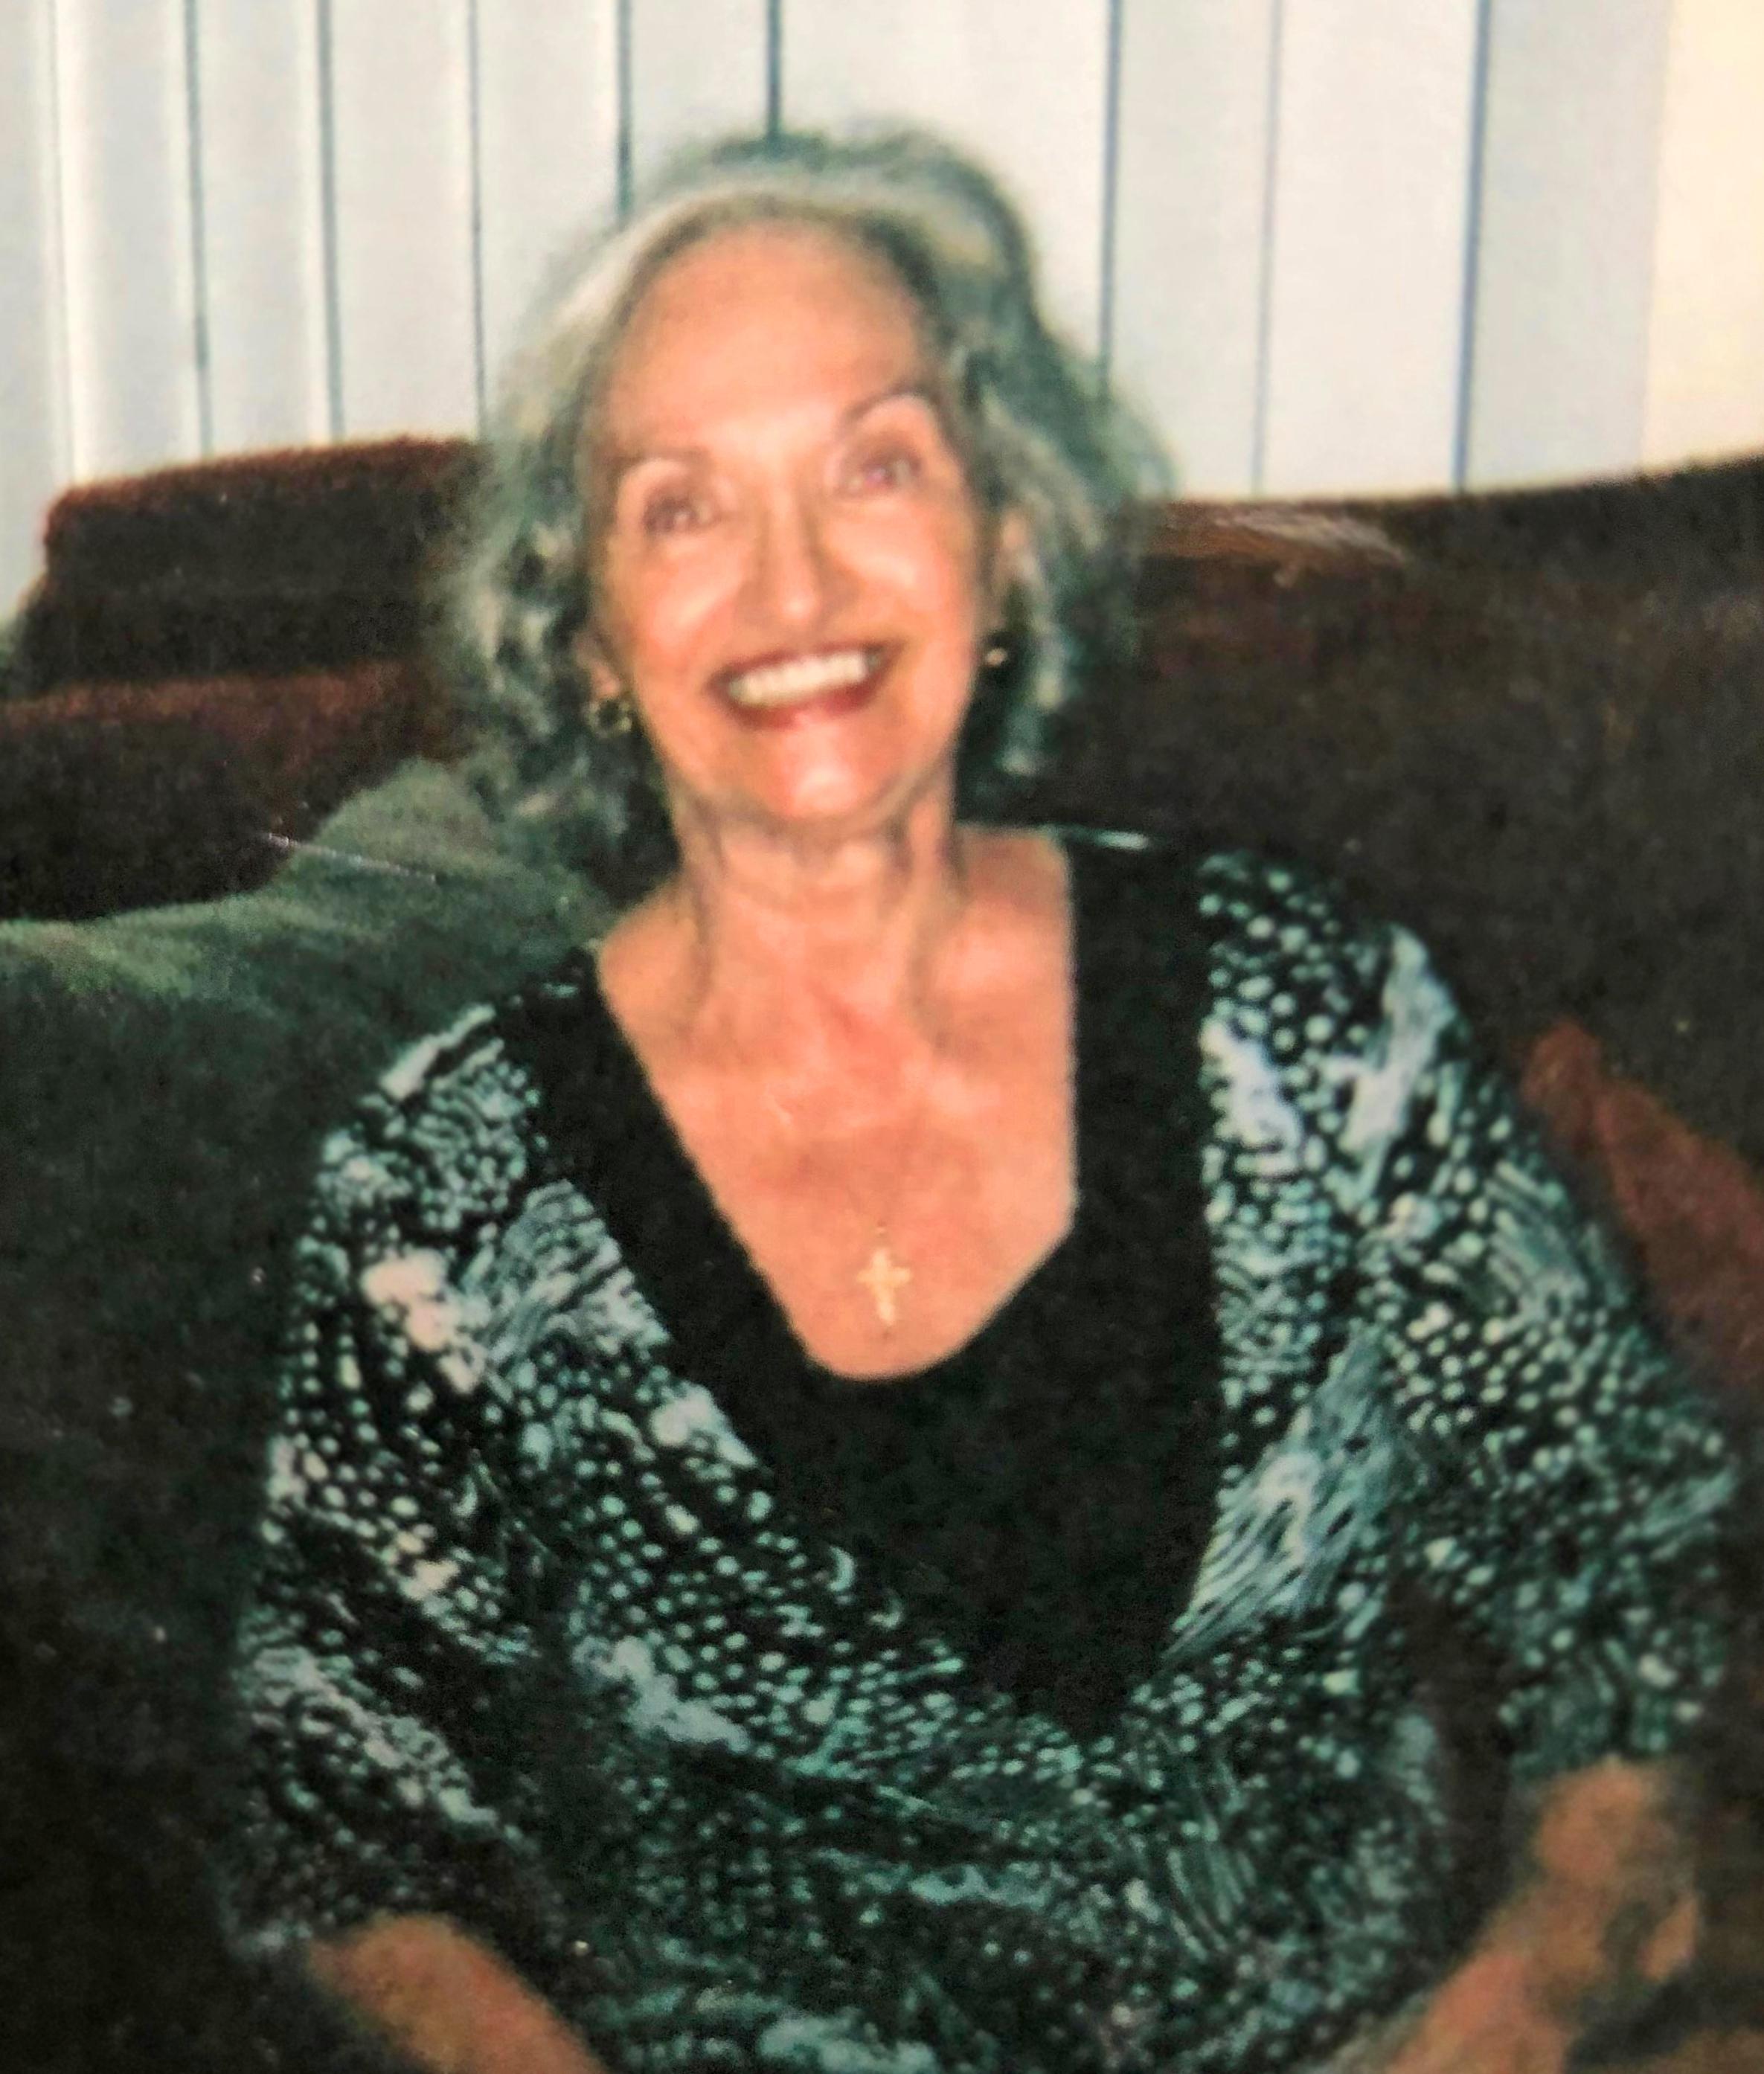 Yolanda Theresa Flahive